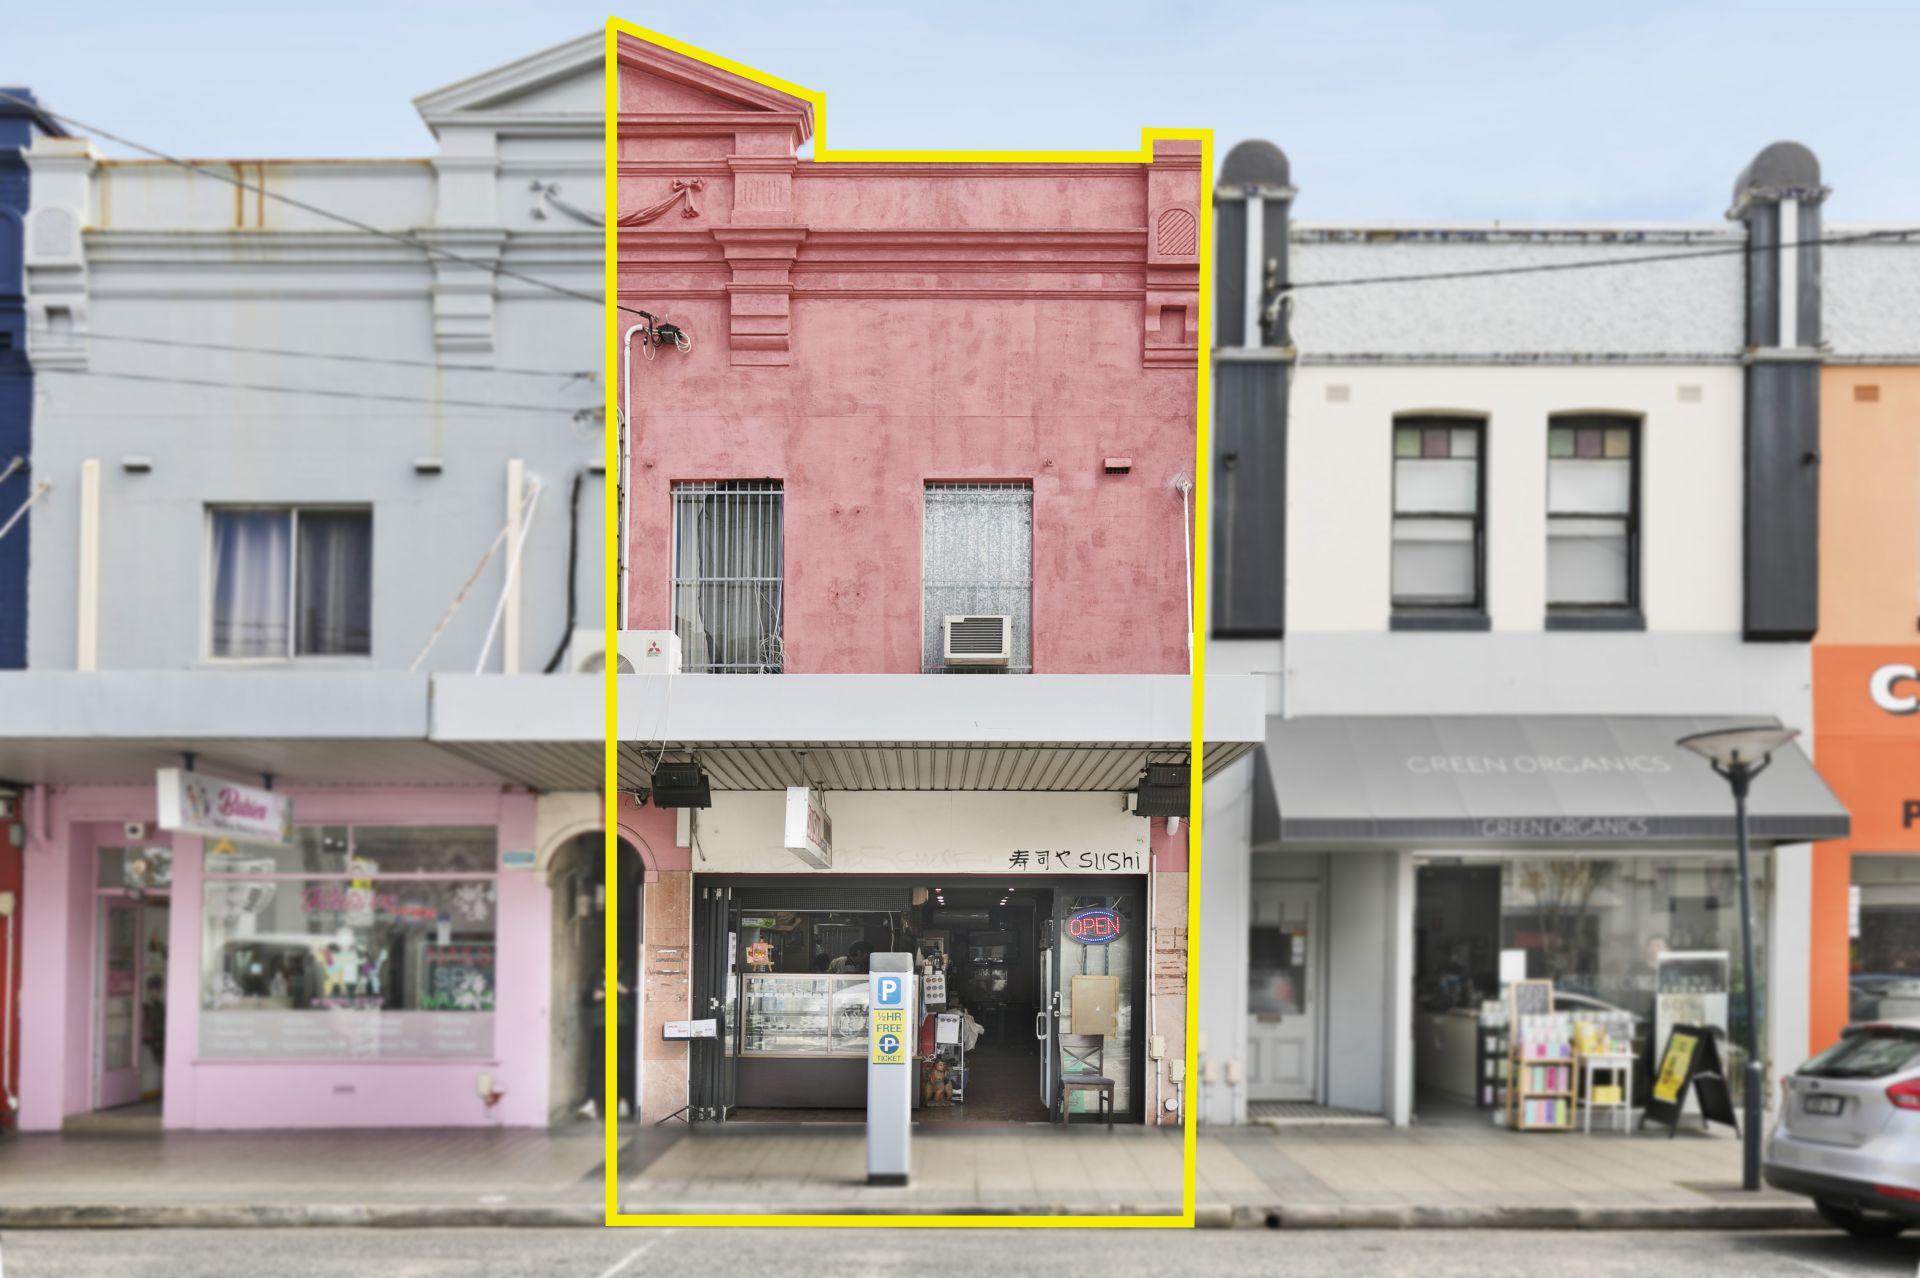 617 Darling Street Street, Rozelle